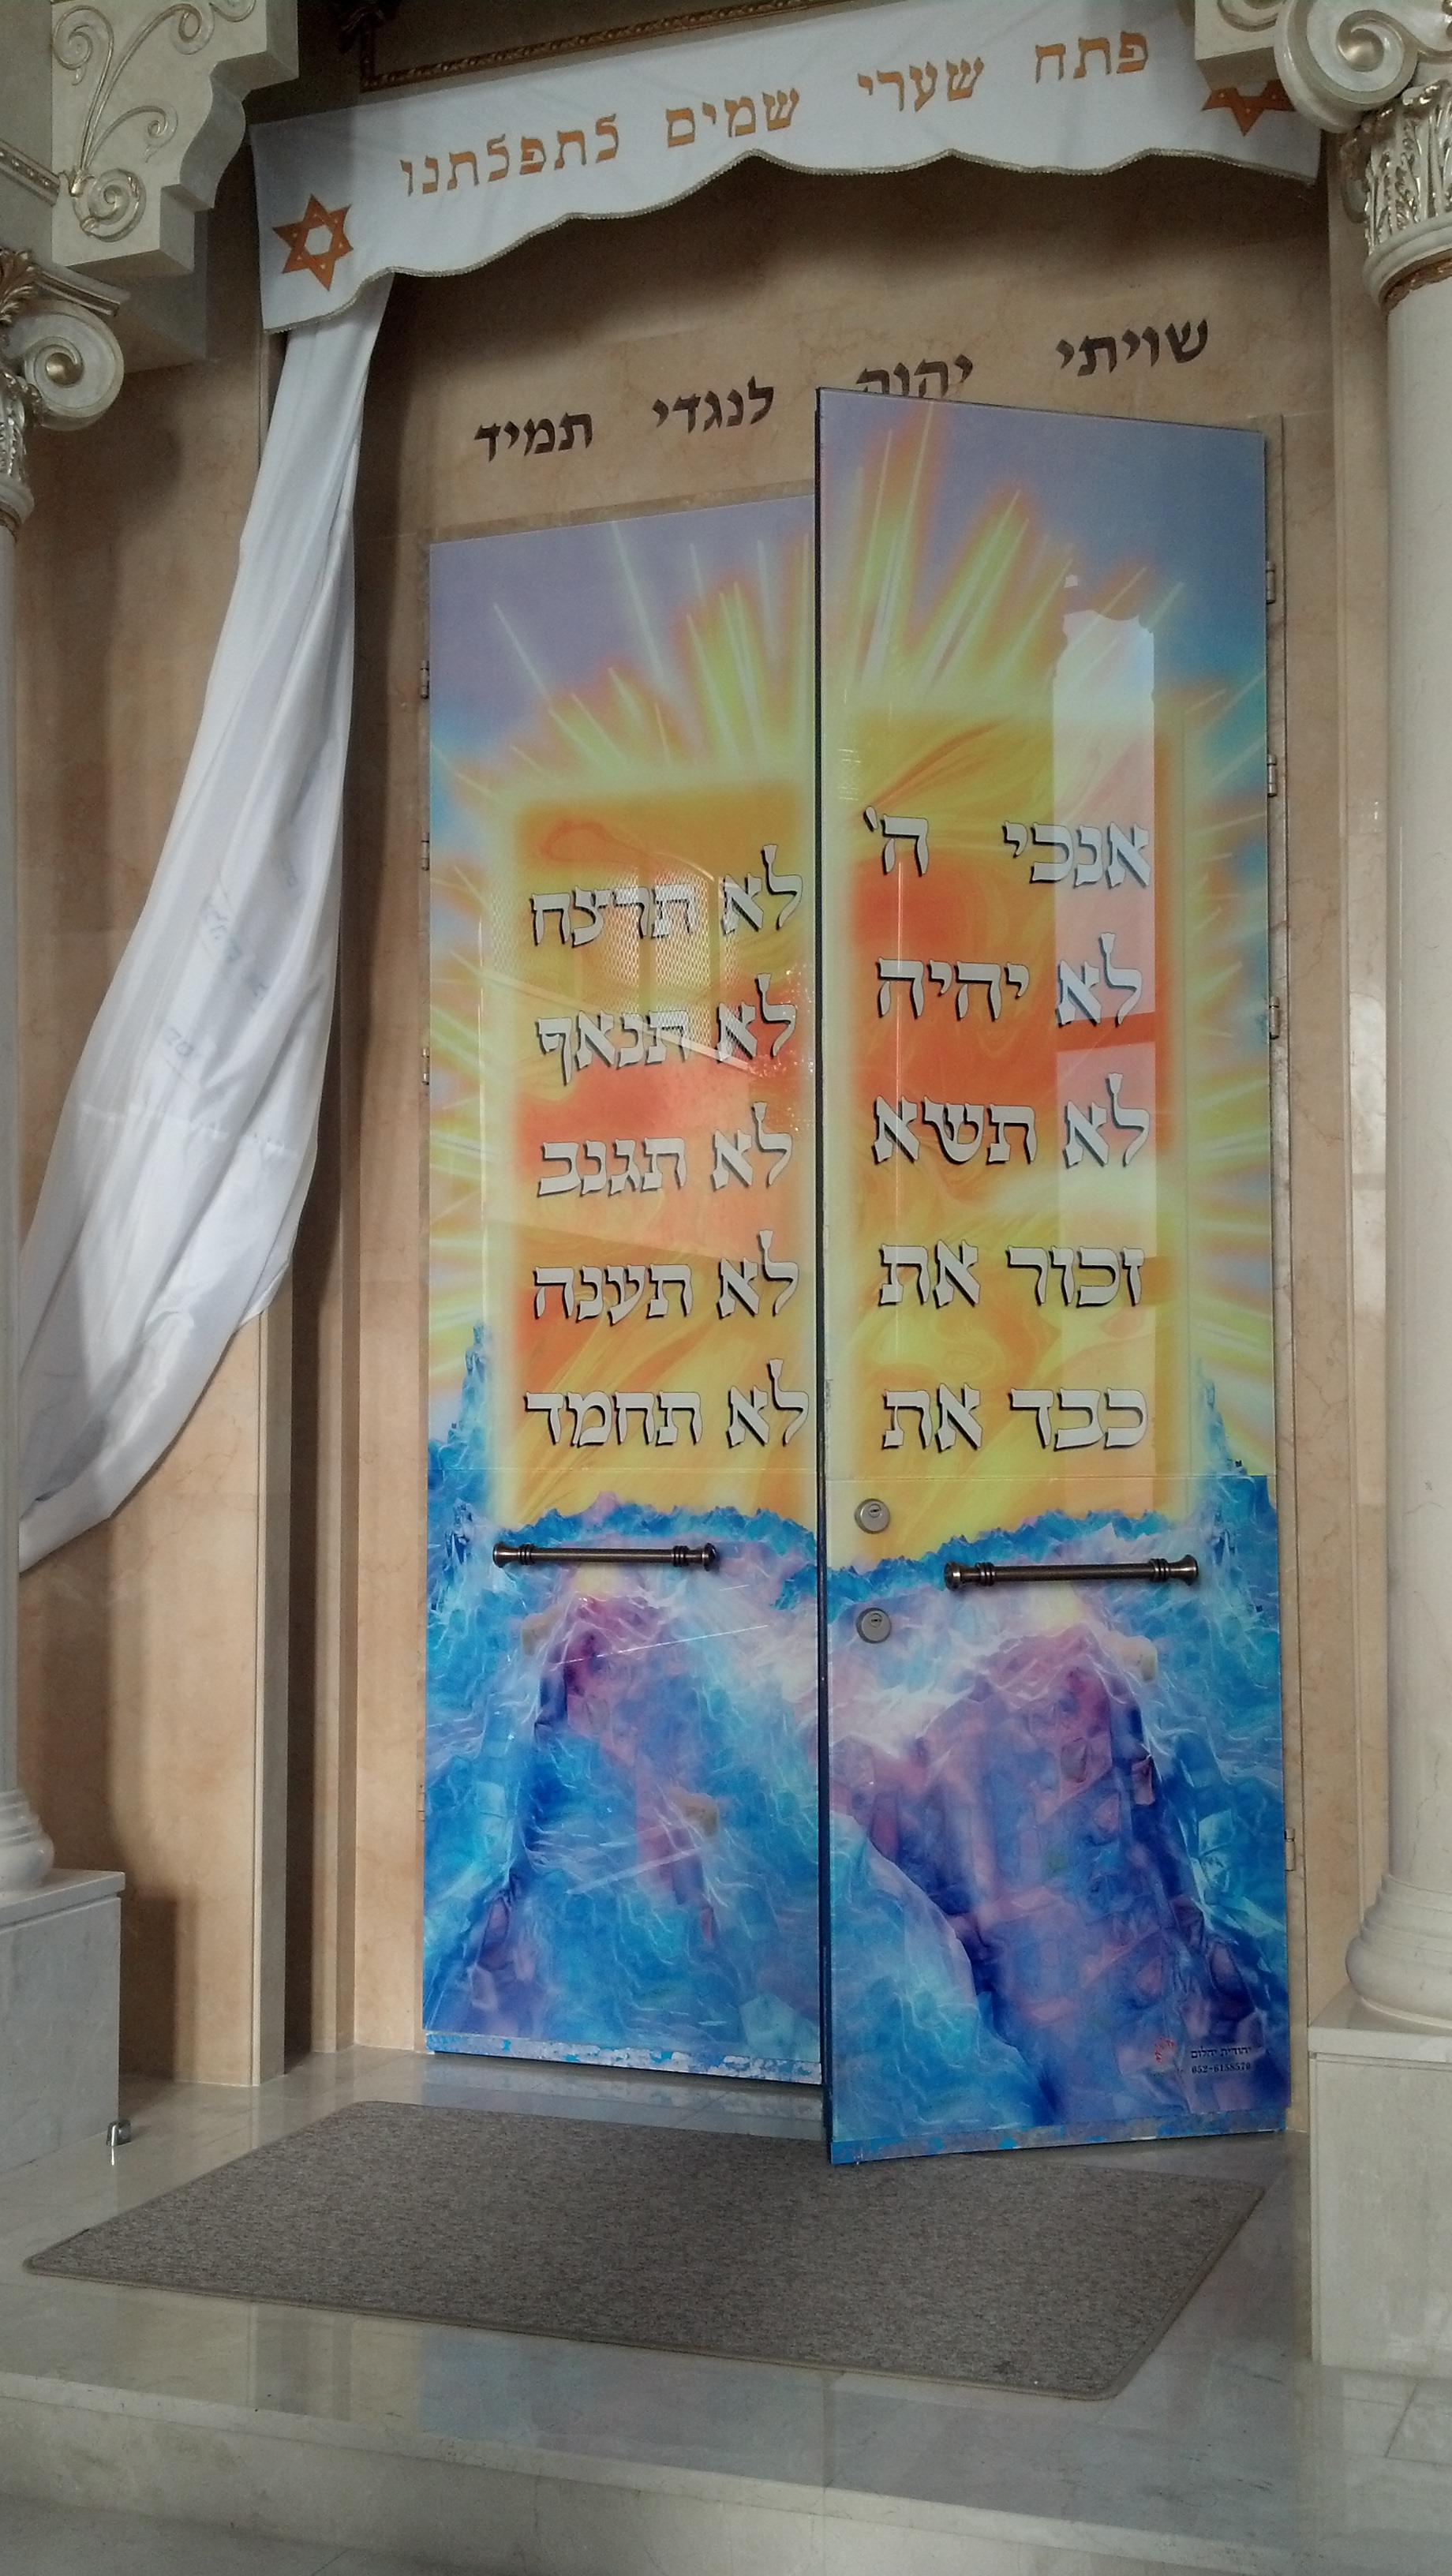 זכוכית אמנותית- לוחות הברית